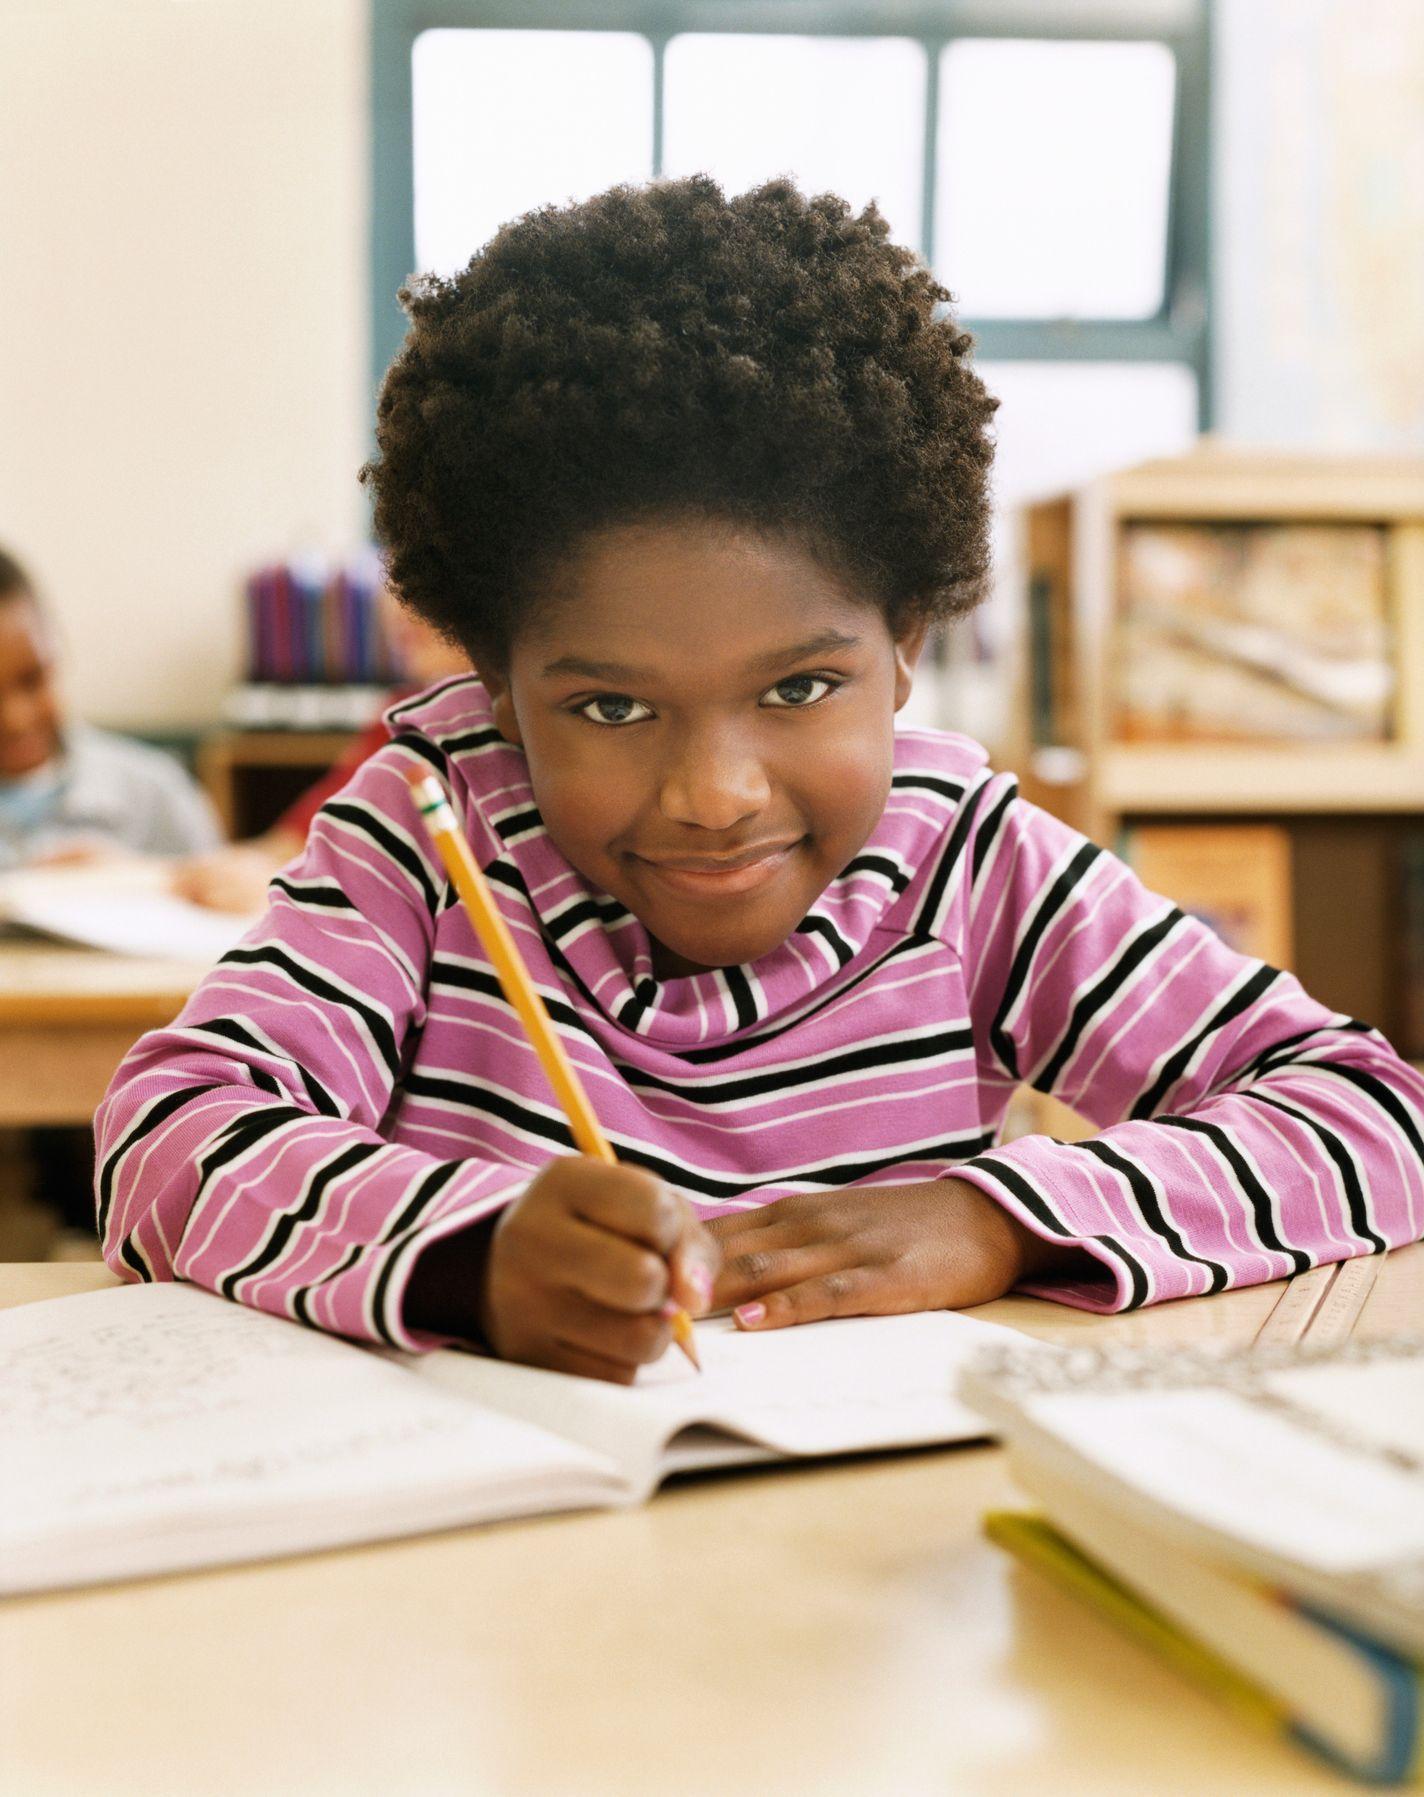 Školačky v JAR chtějí nosit afro účes e30bd6d0290